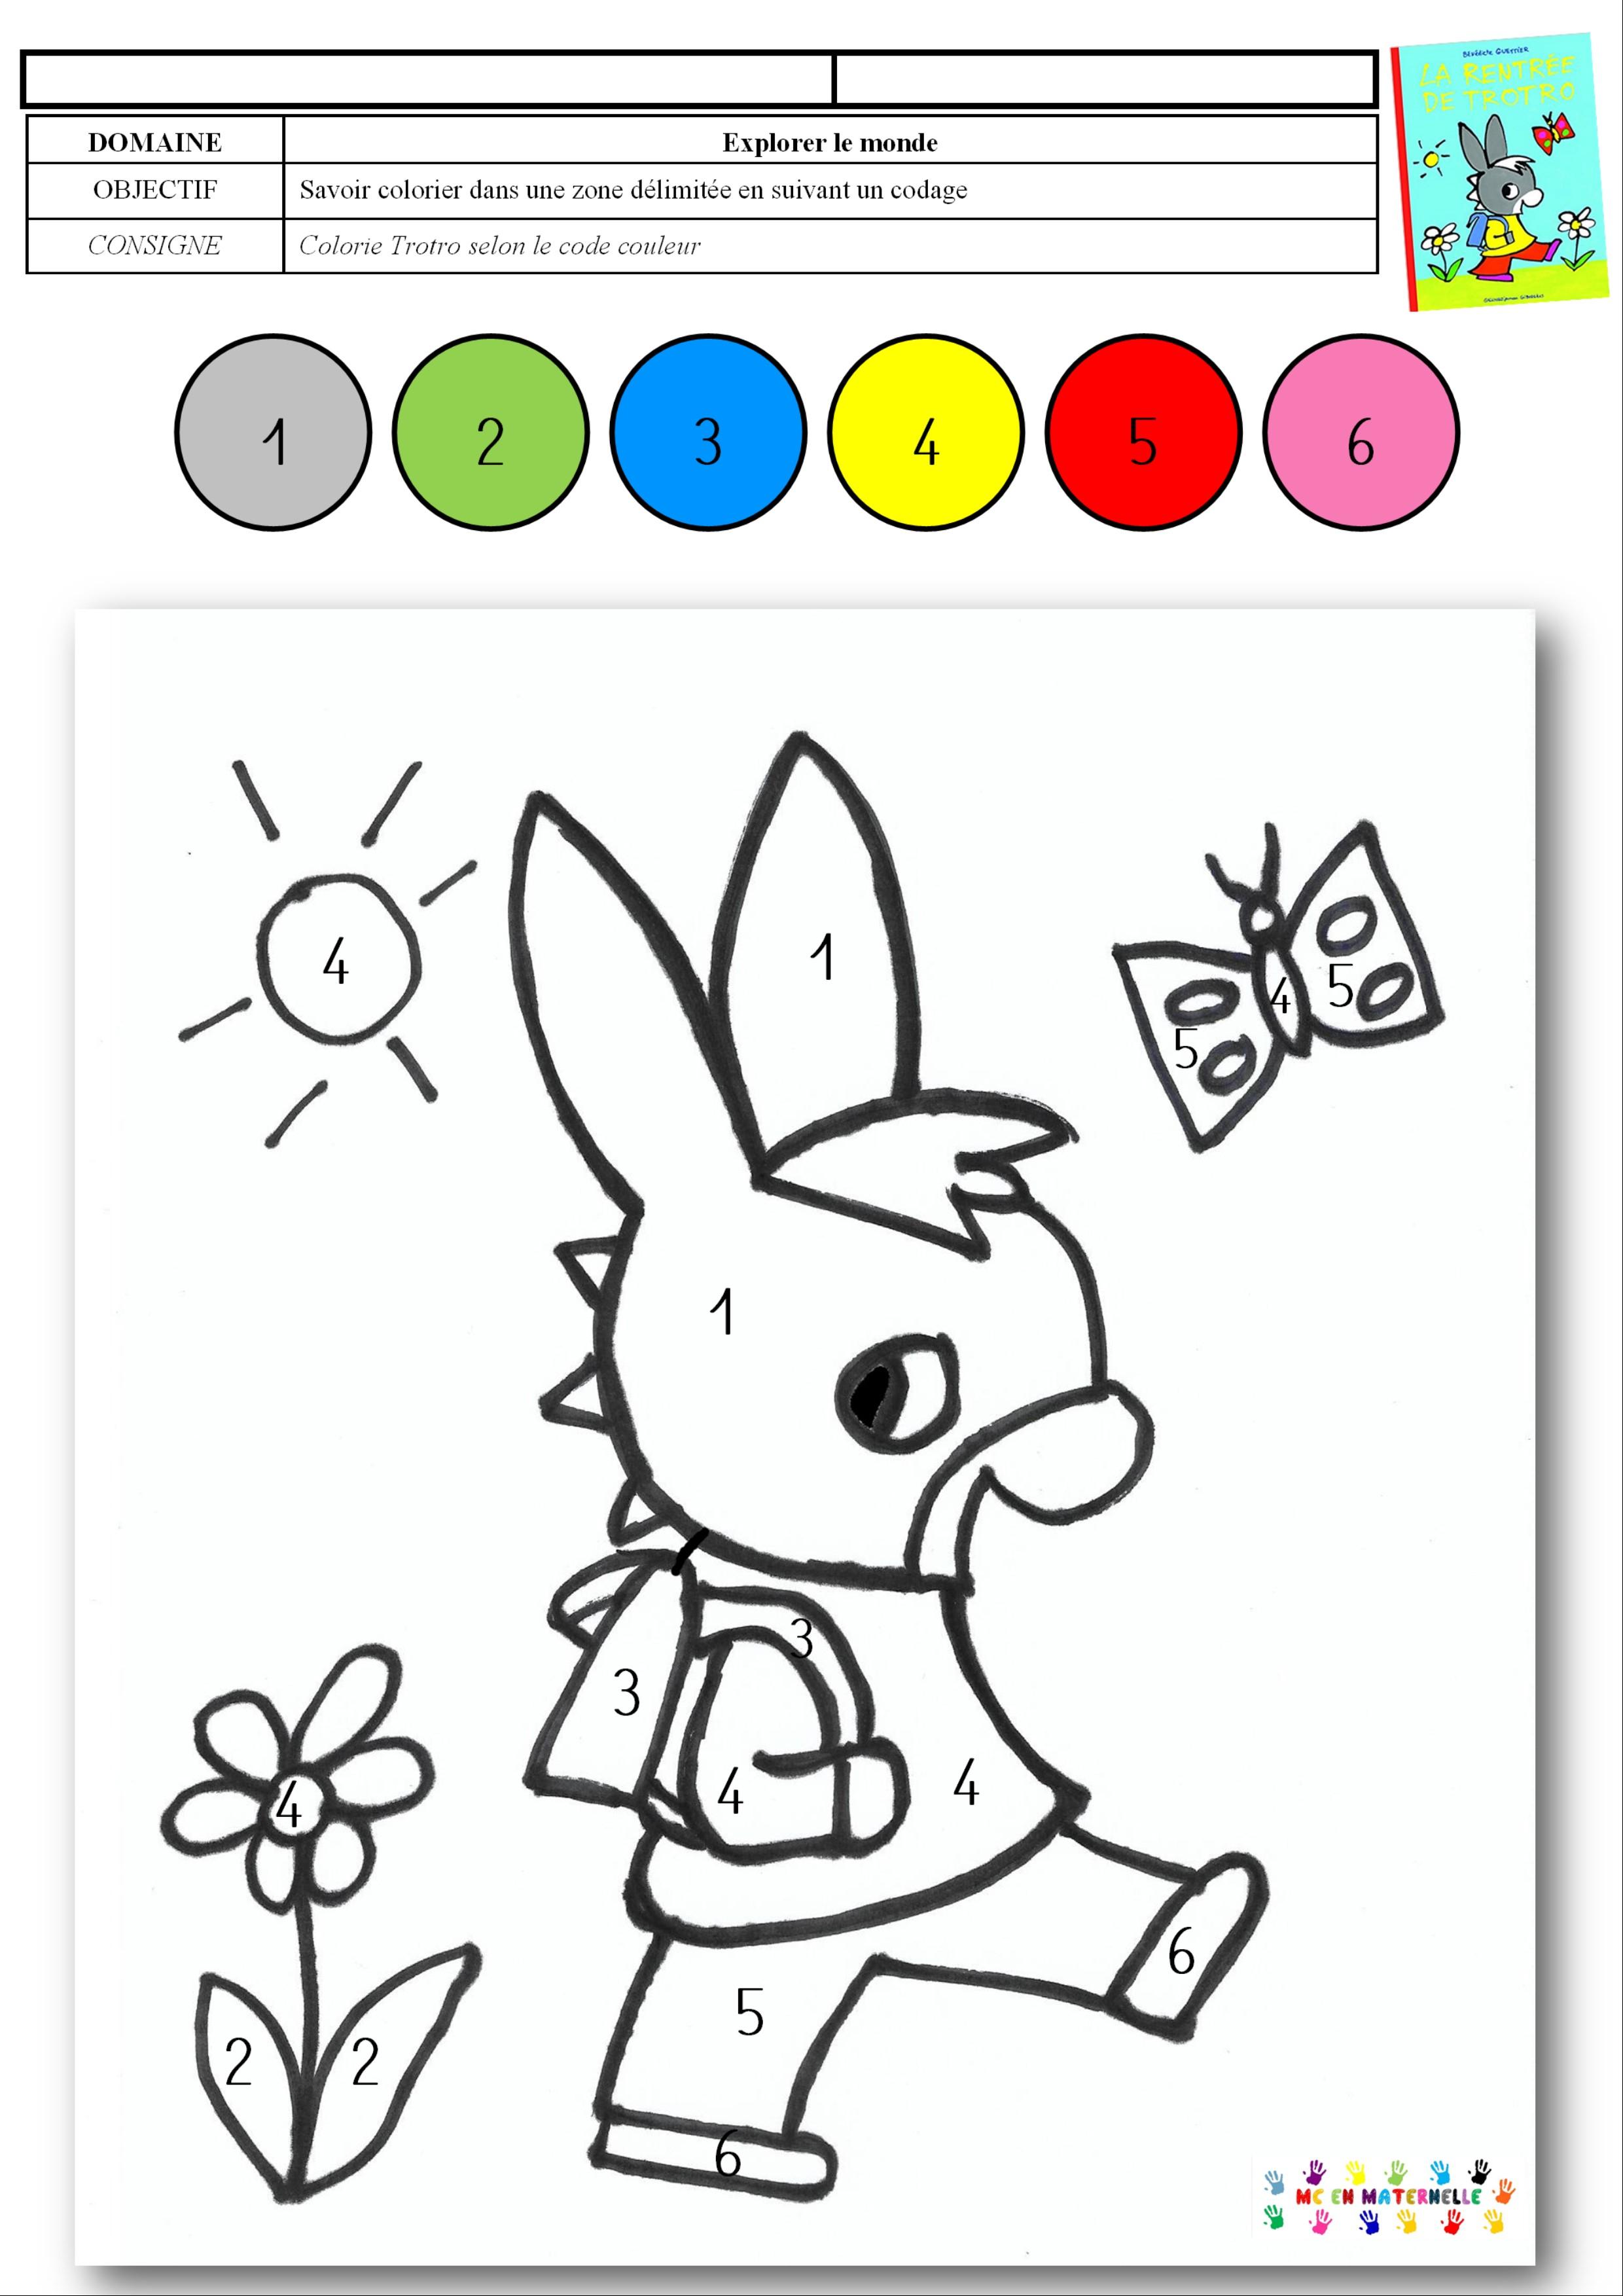 La Rentrée De Trotro Coloriage Magique Mc En Maternelle